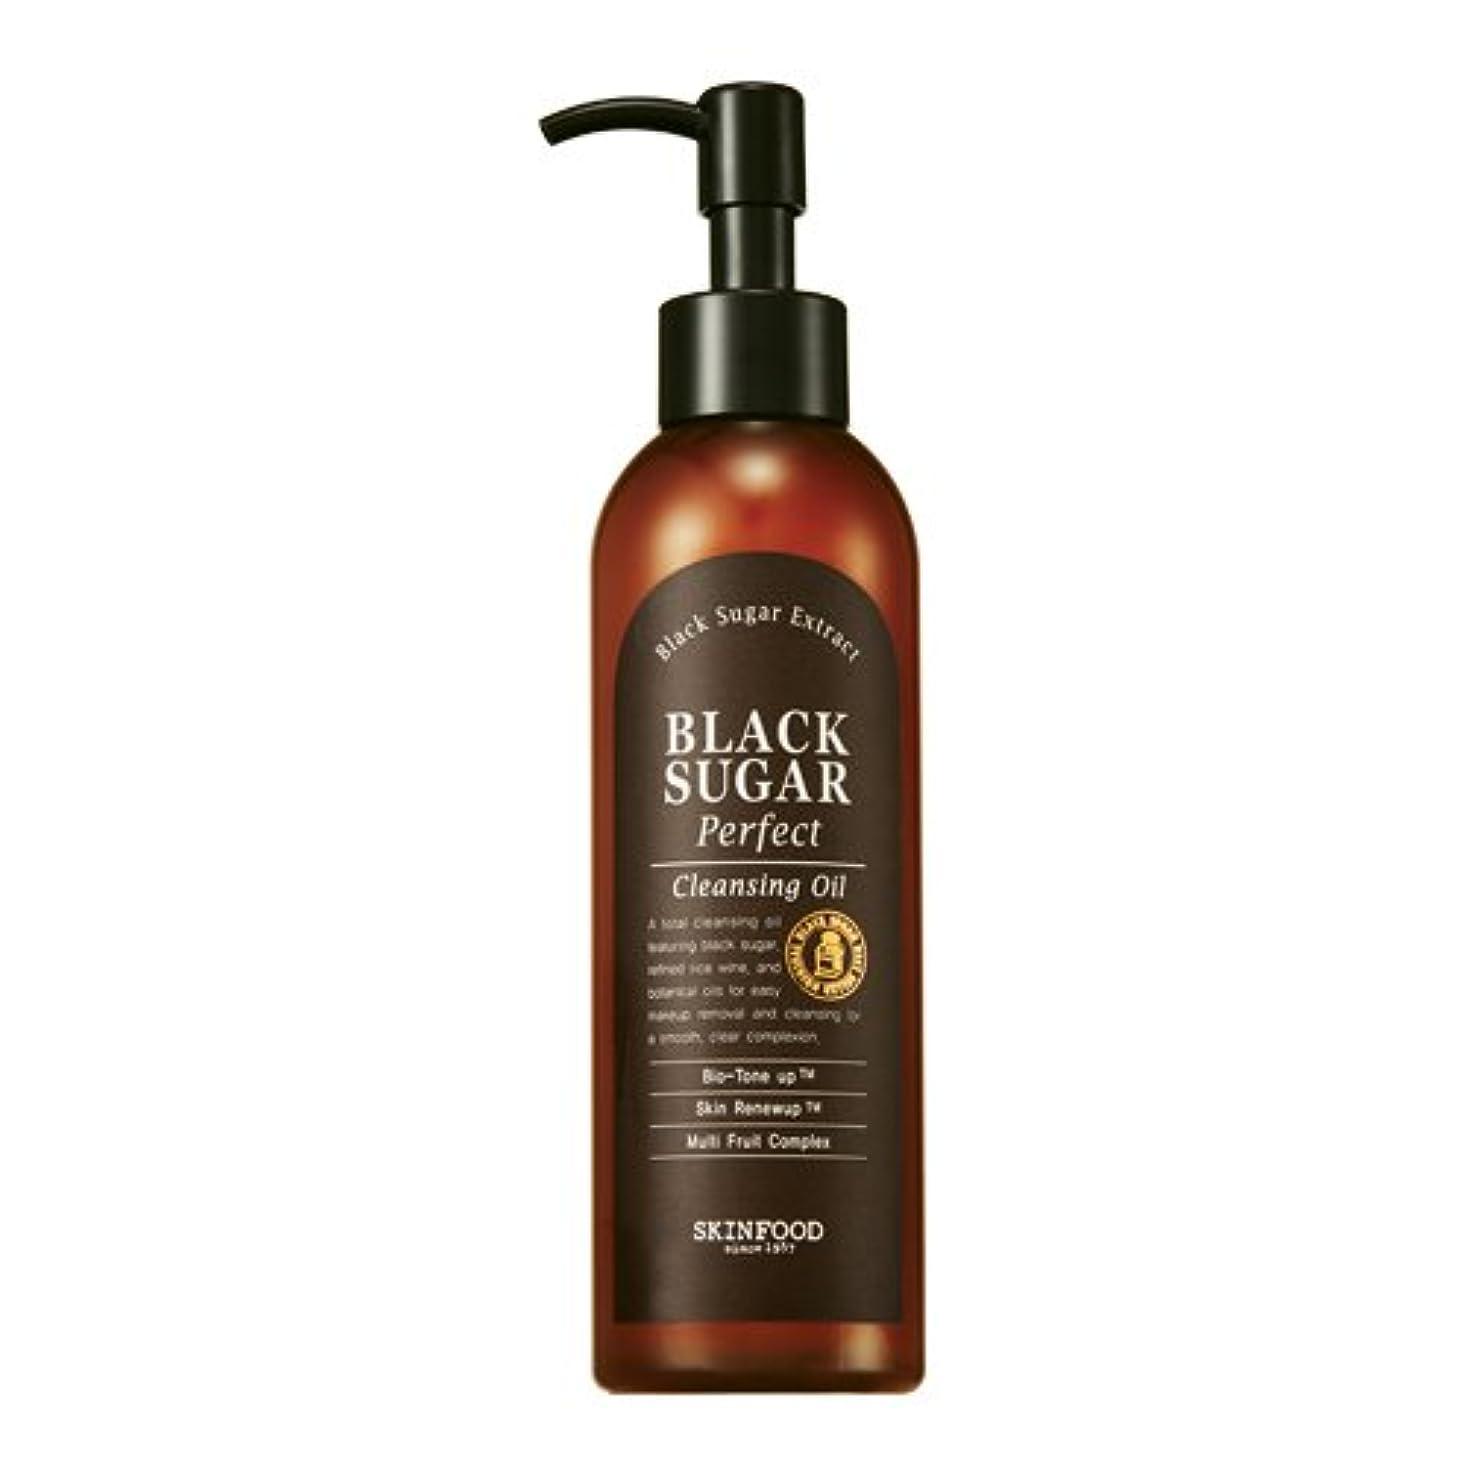 古くなった本当のことを言うと食堂Skinfood/Black Sugar Perfect Cleansing Oil/ブラックシュガーパーフェクトクレンジングオイル/200ml [並行輸入品]